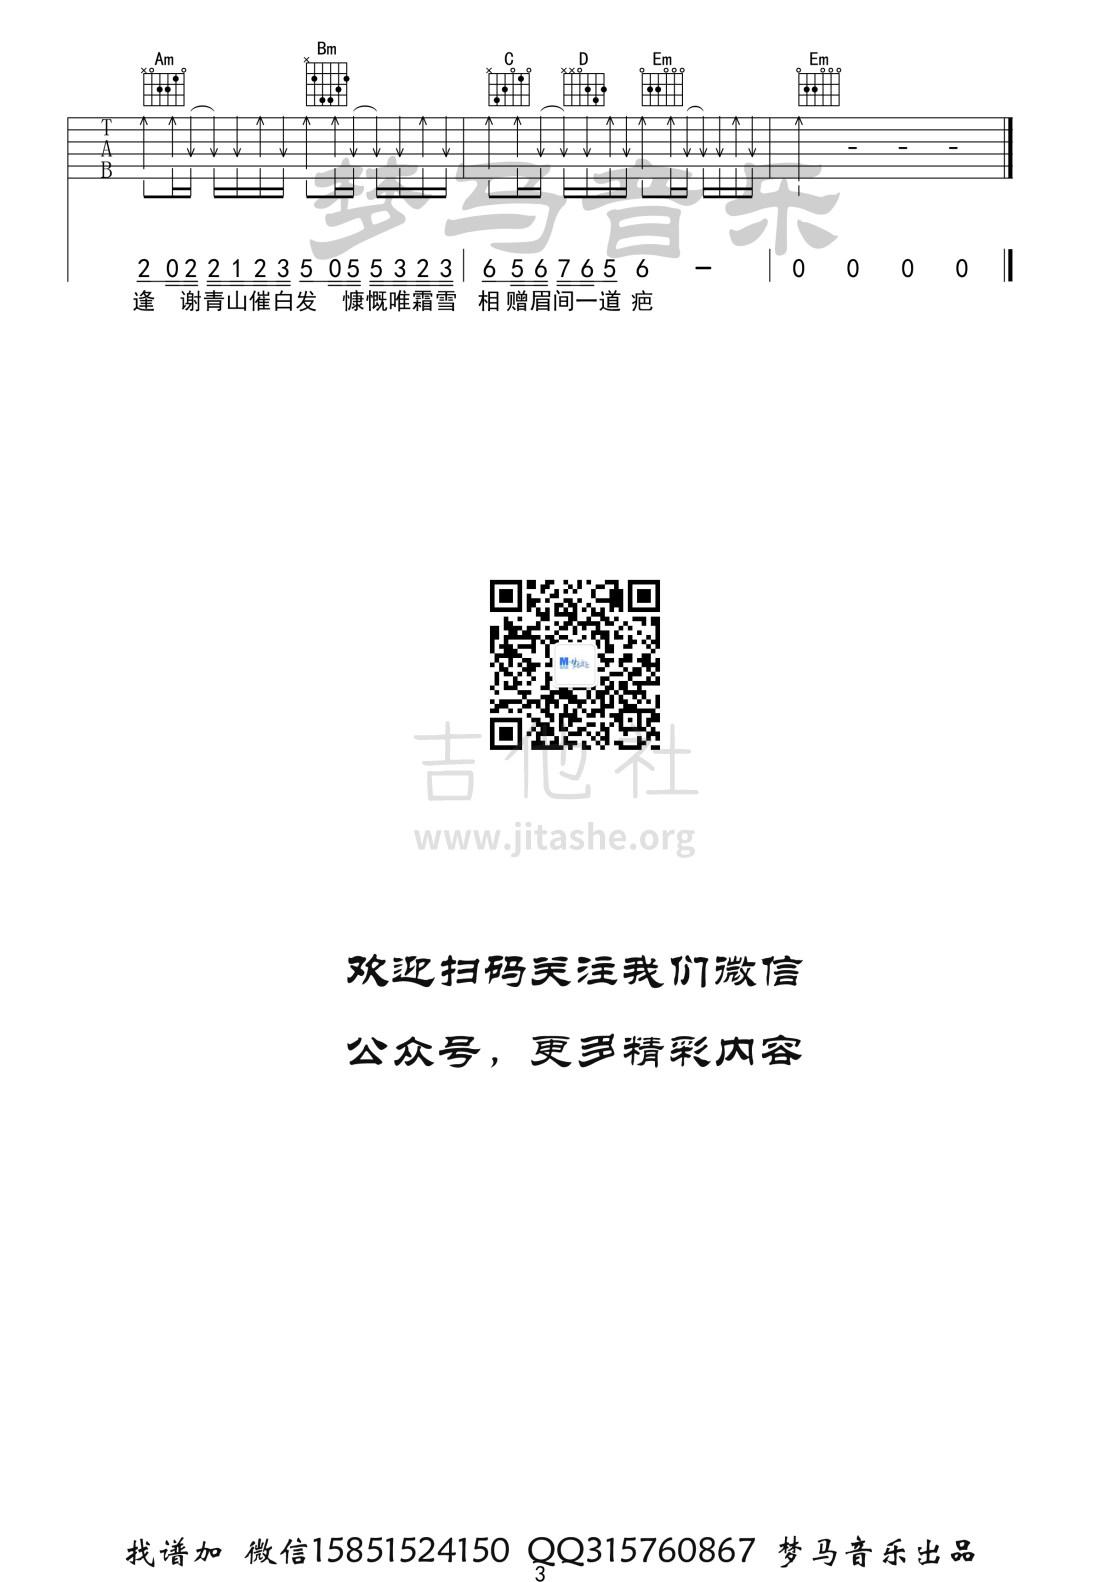 不谓侠吉他谱(图片谱,弹唱)_萧忆情(Alex)_不谓侠-3.jpg